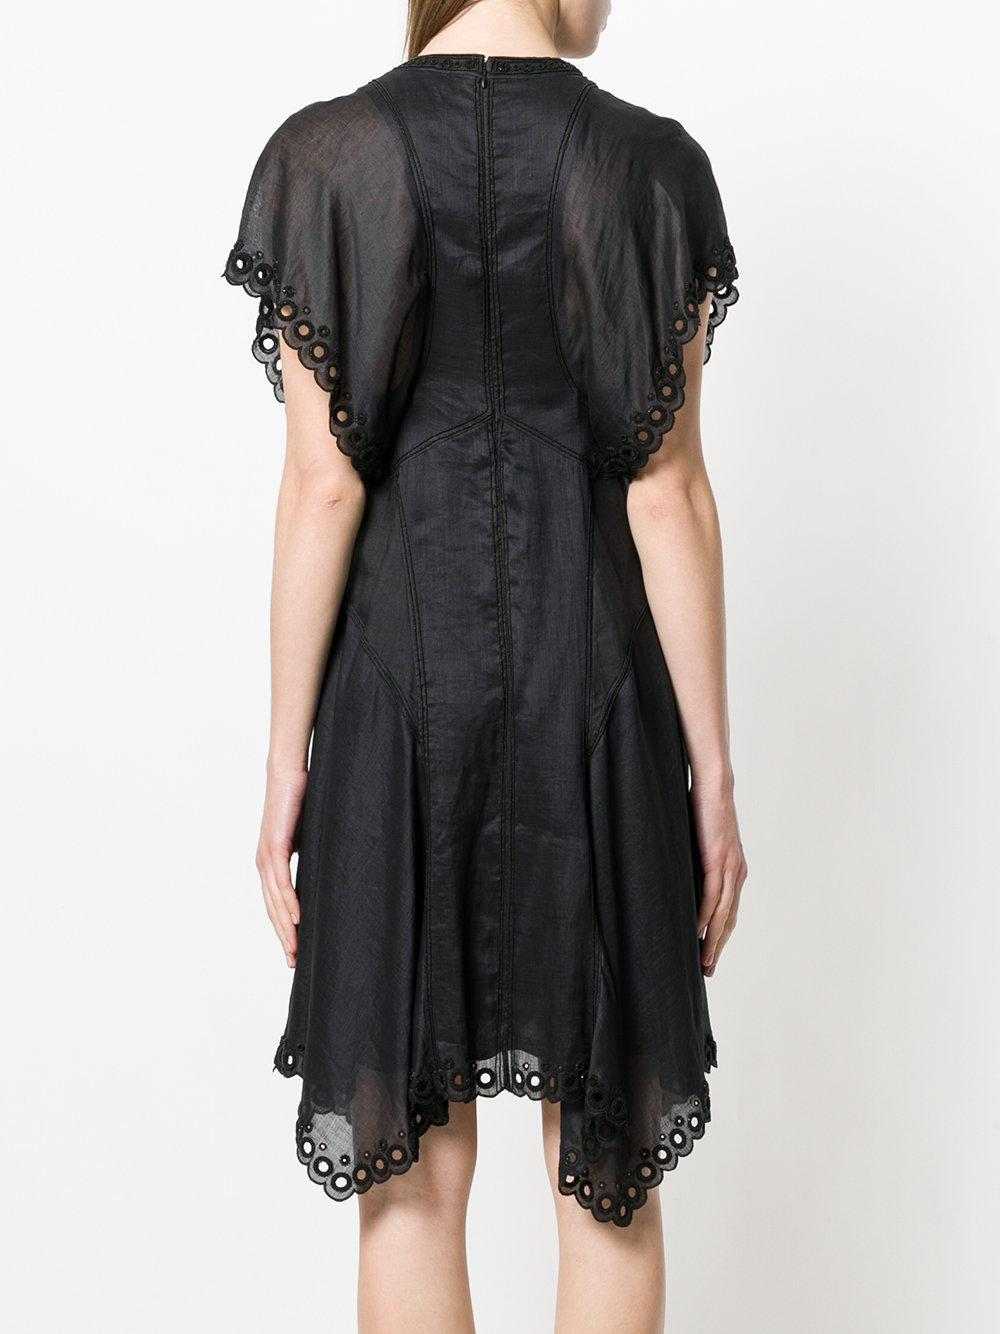 Lyst - Robe évasée à broderies anglaises Isabel Marant en coloris Noir 60eb7bbb25ac